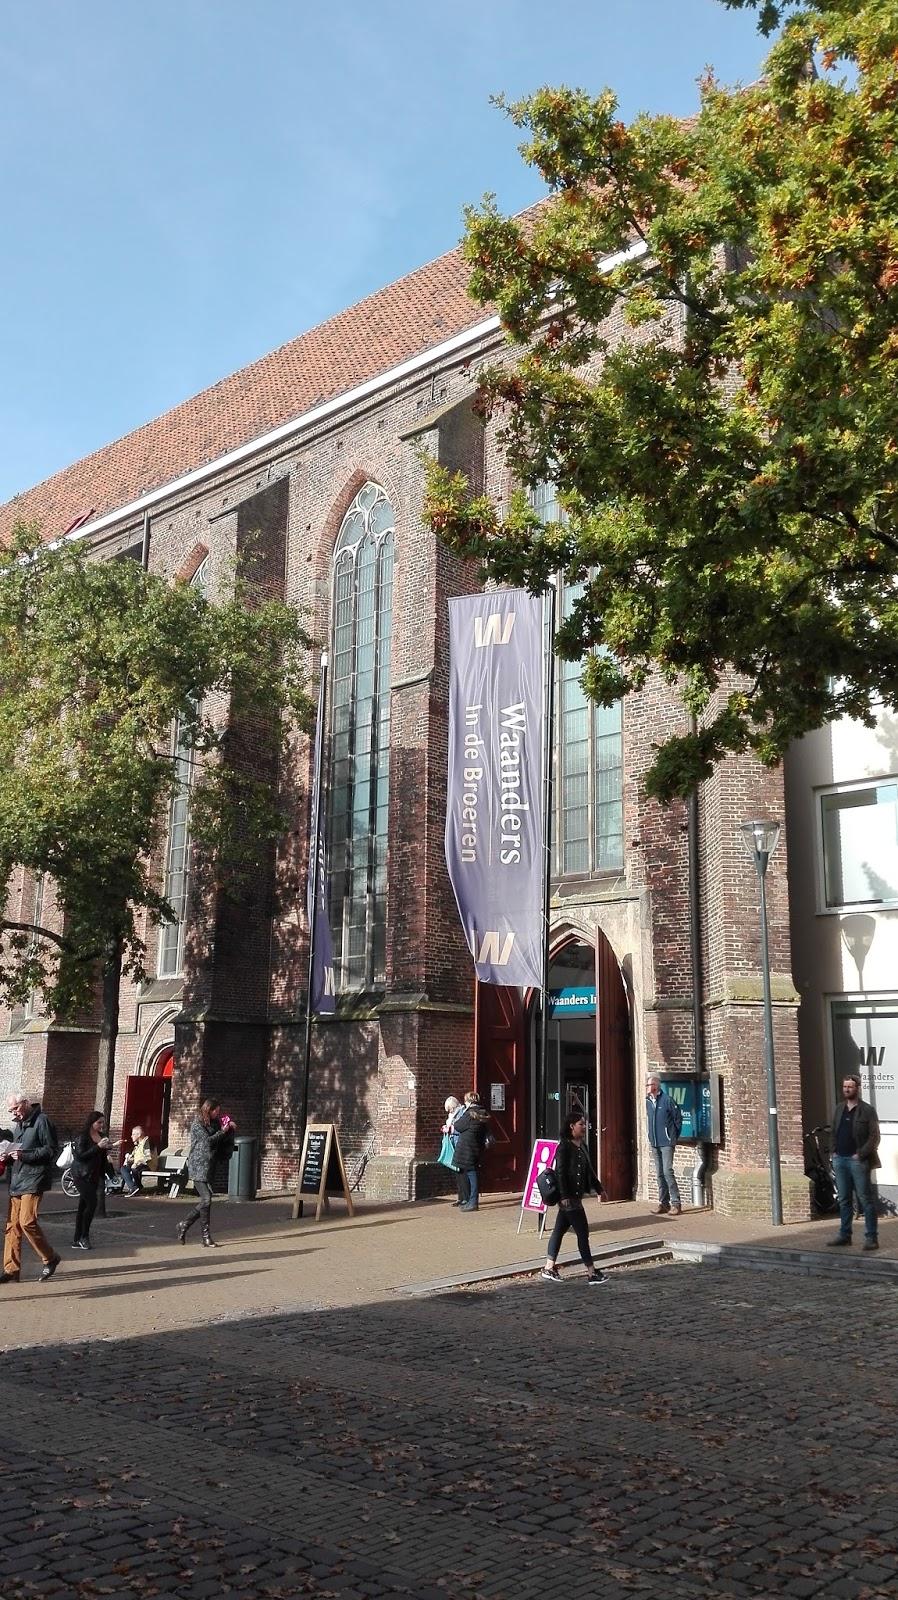 lang teef dans in de buurt Zwolle